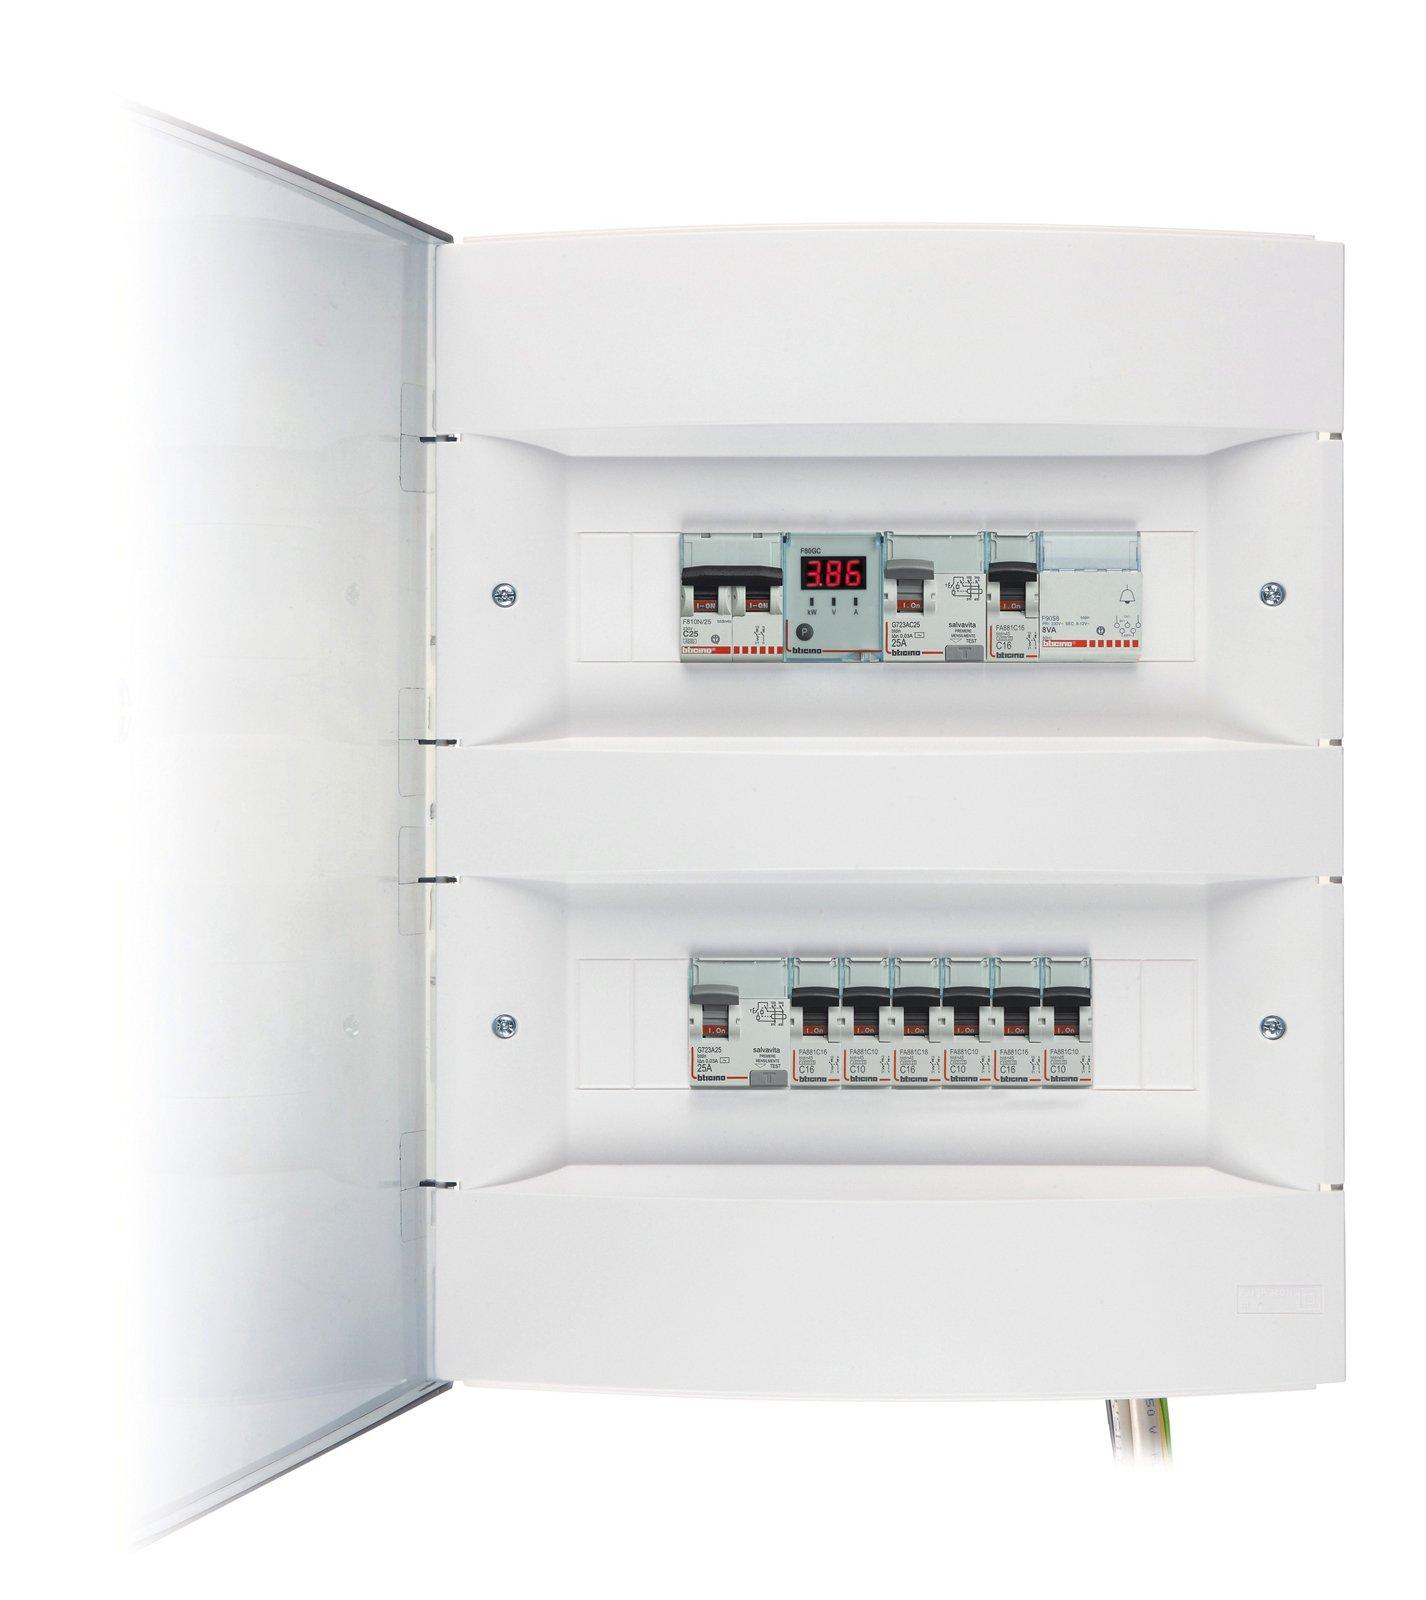 Impianto elettrico dalla a alla z cose di casa - Impianto elettrico di casa ...